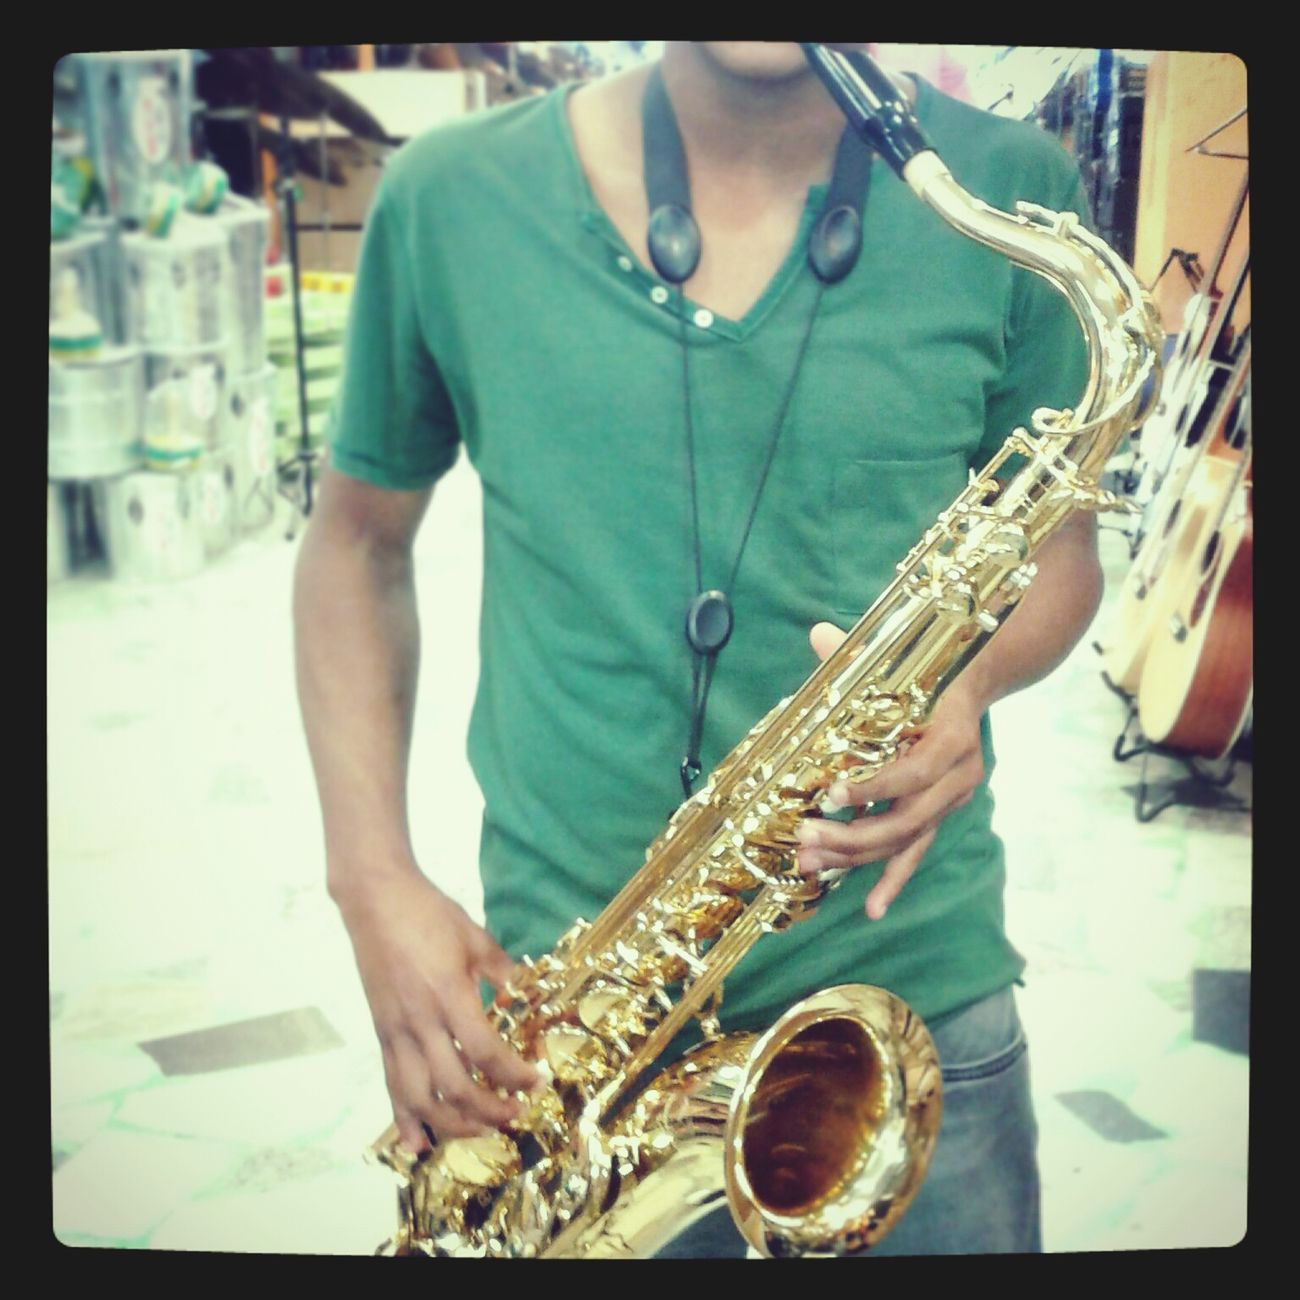 What Does Music Look Like To You? independente do ritmo,a musica e o universo que te traz uma paz interior ... Music4ever